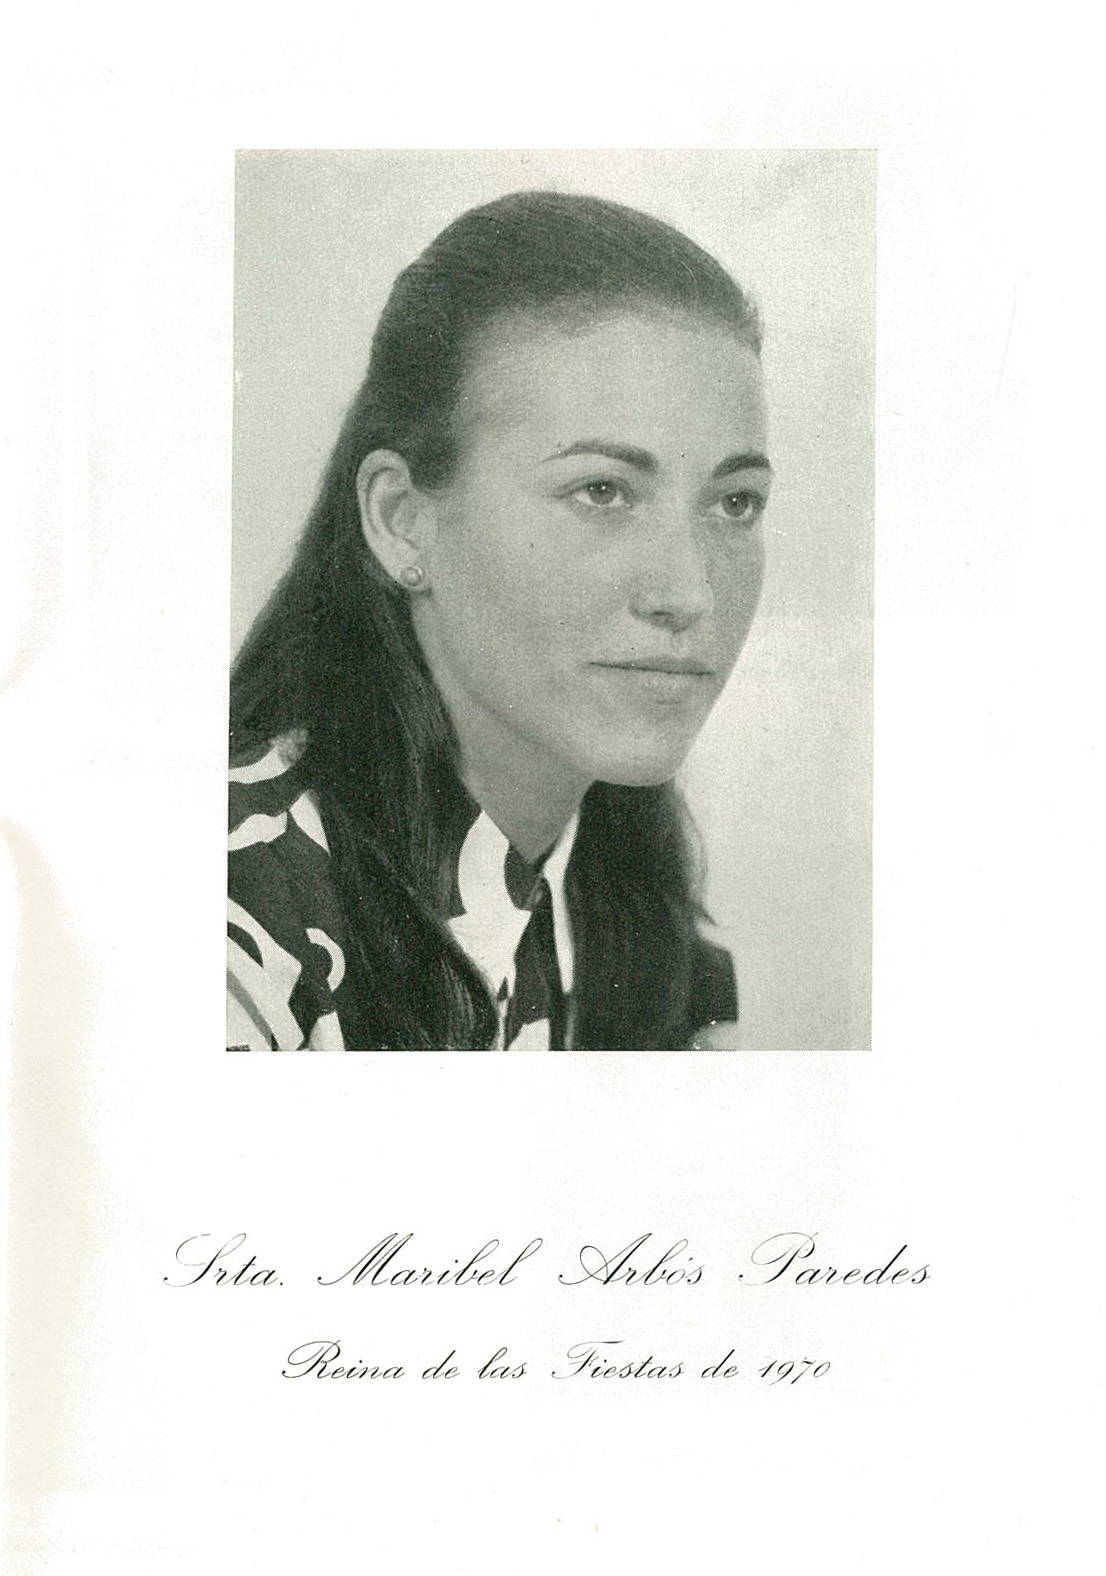 Pubilles-1970-01